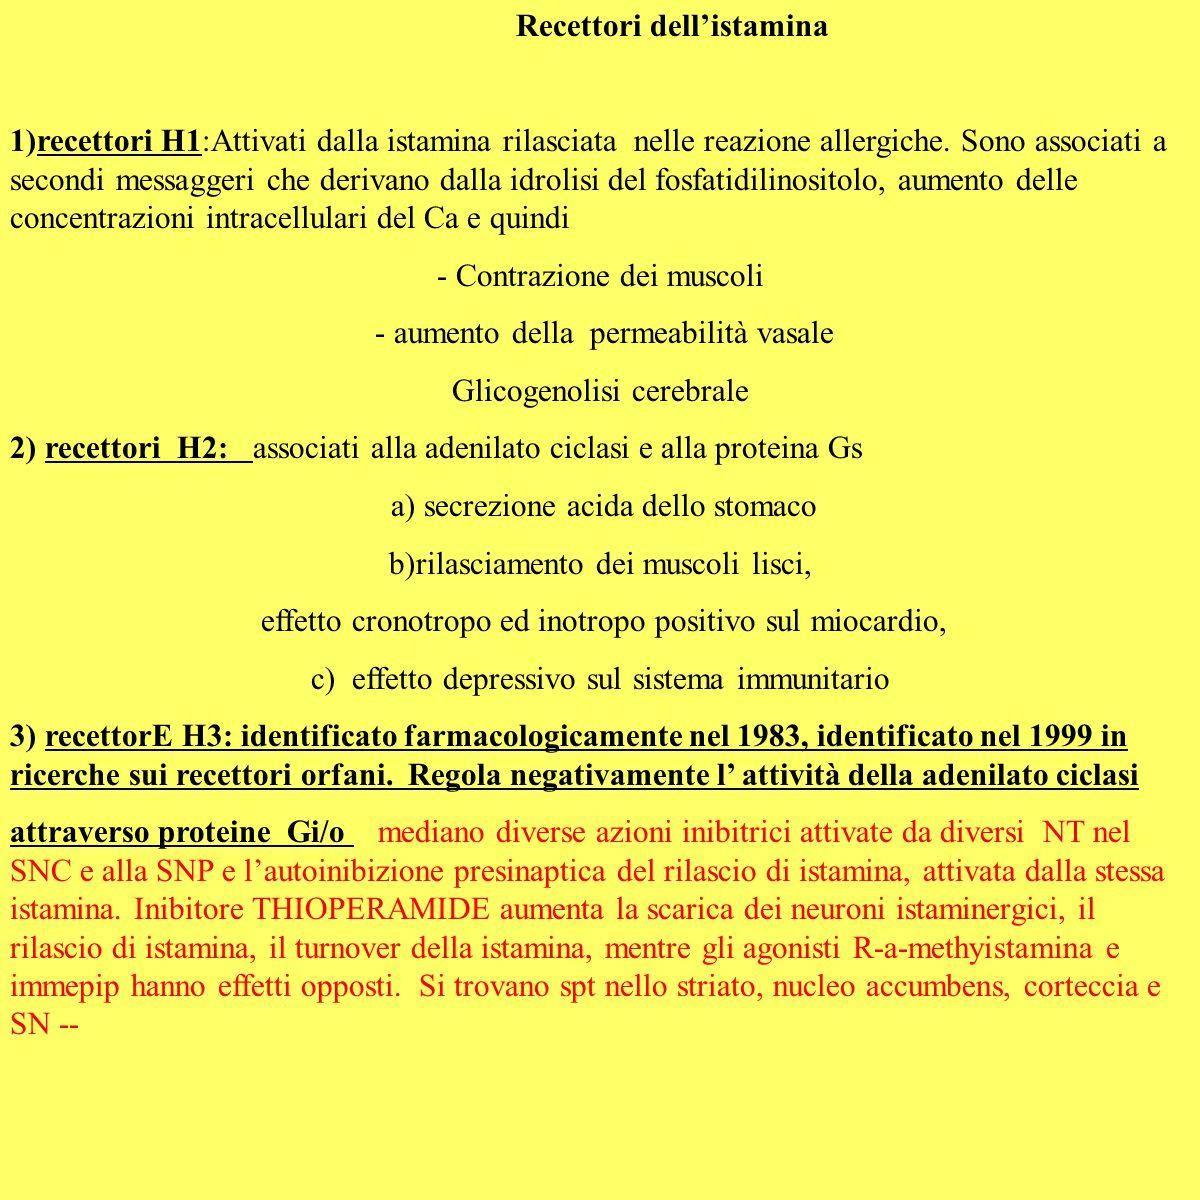 Recettori dell'istamina 1)recettori H1:Attivati dalla istamina rilasciata nelle reazione allergiche. Sono associati a secondi messaggeri che derivano